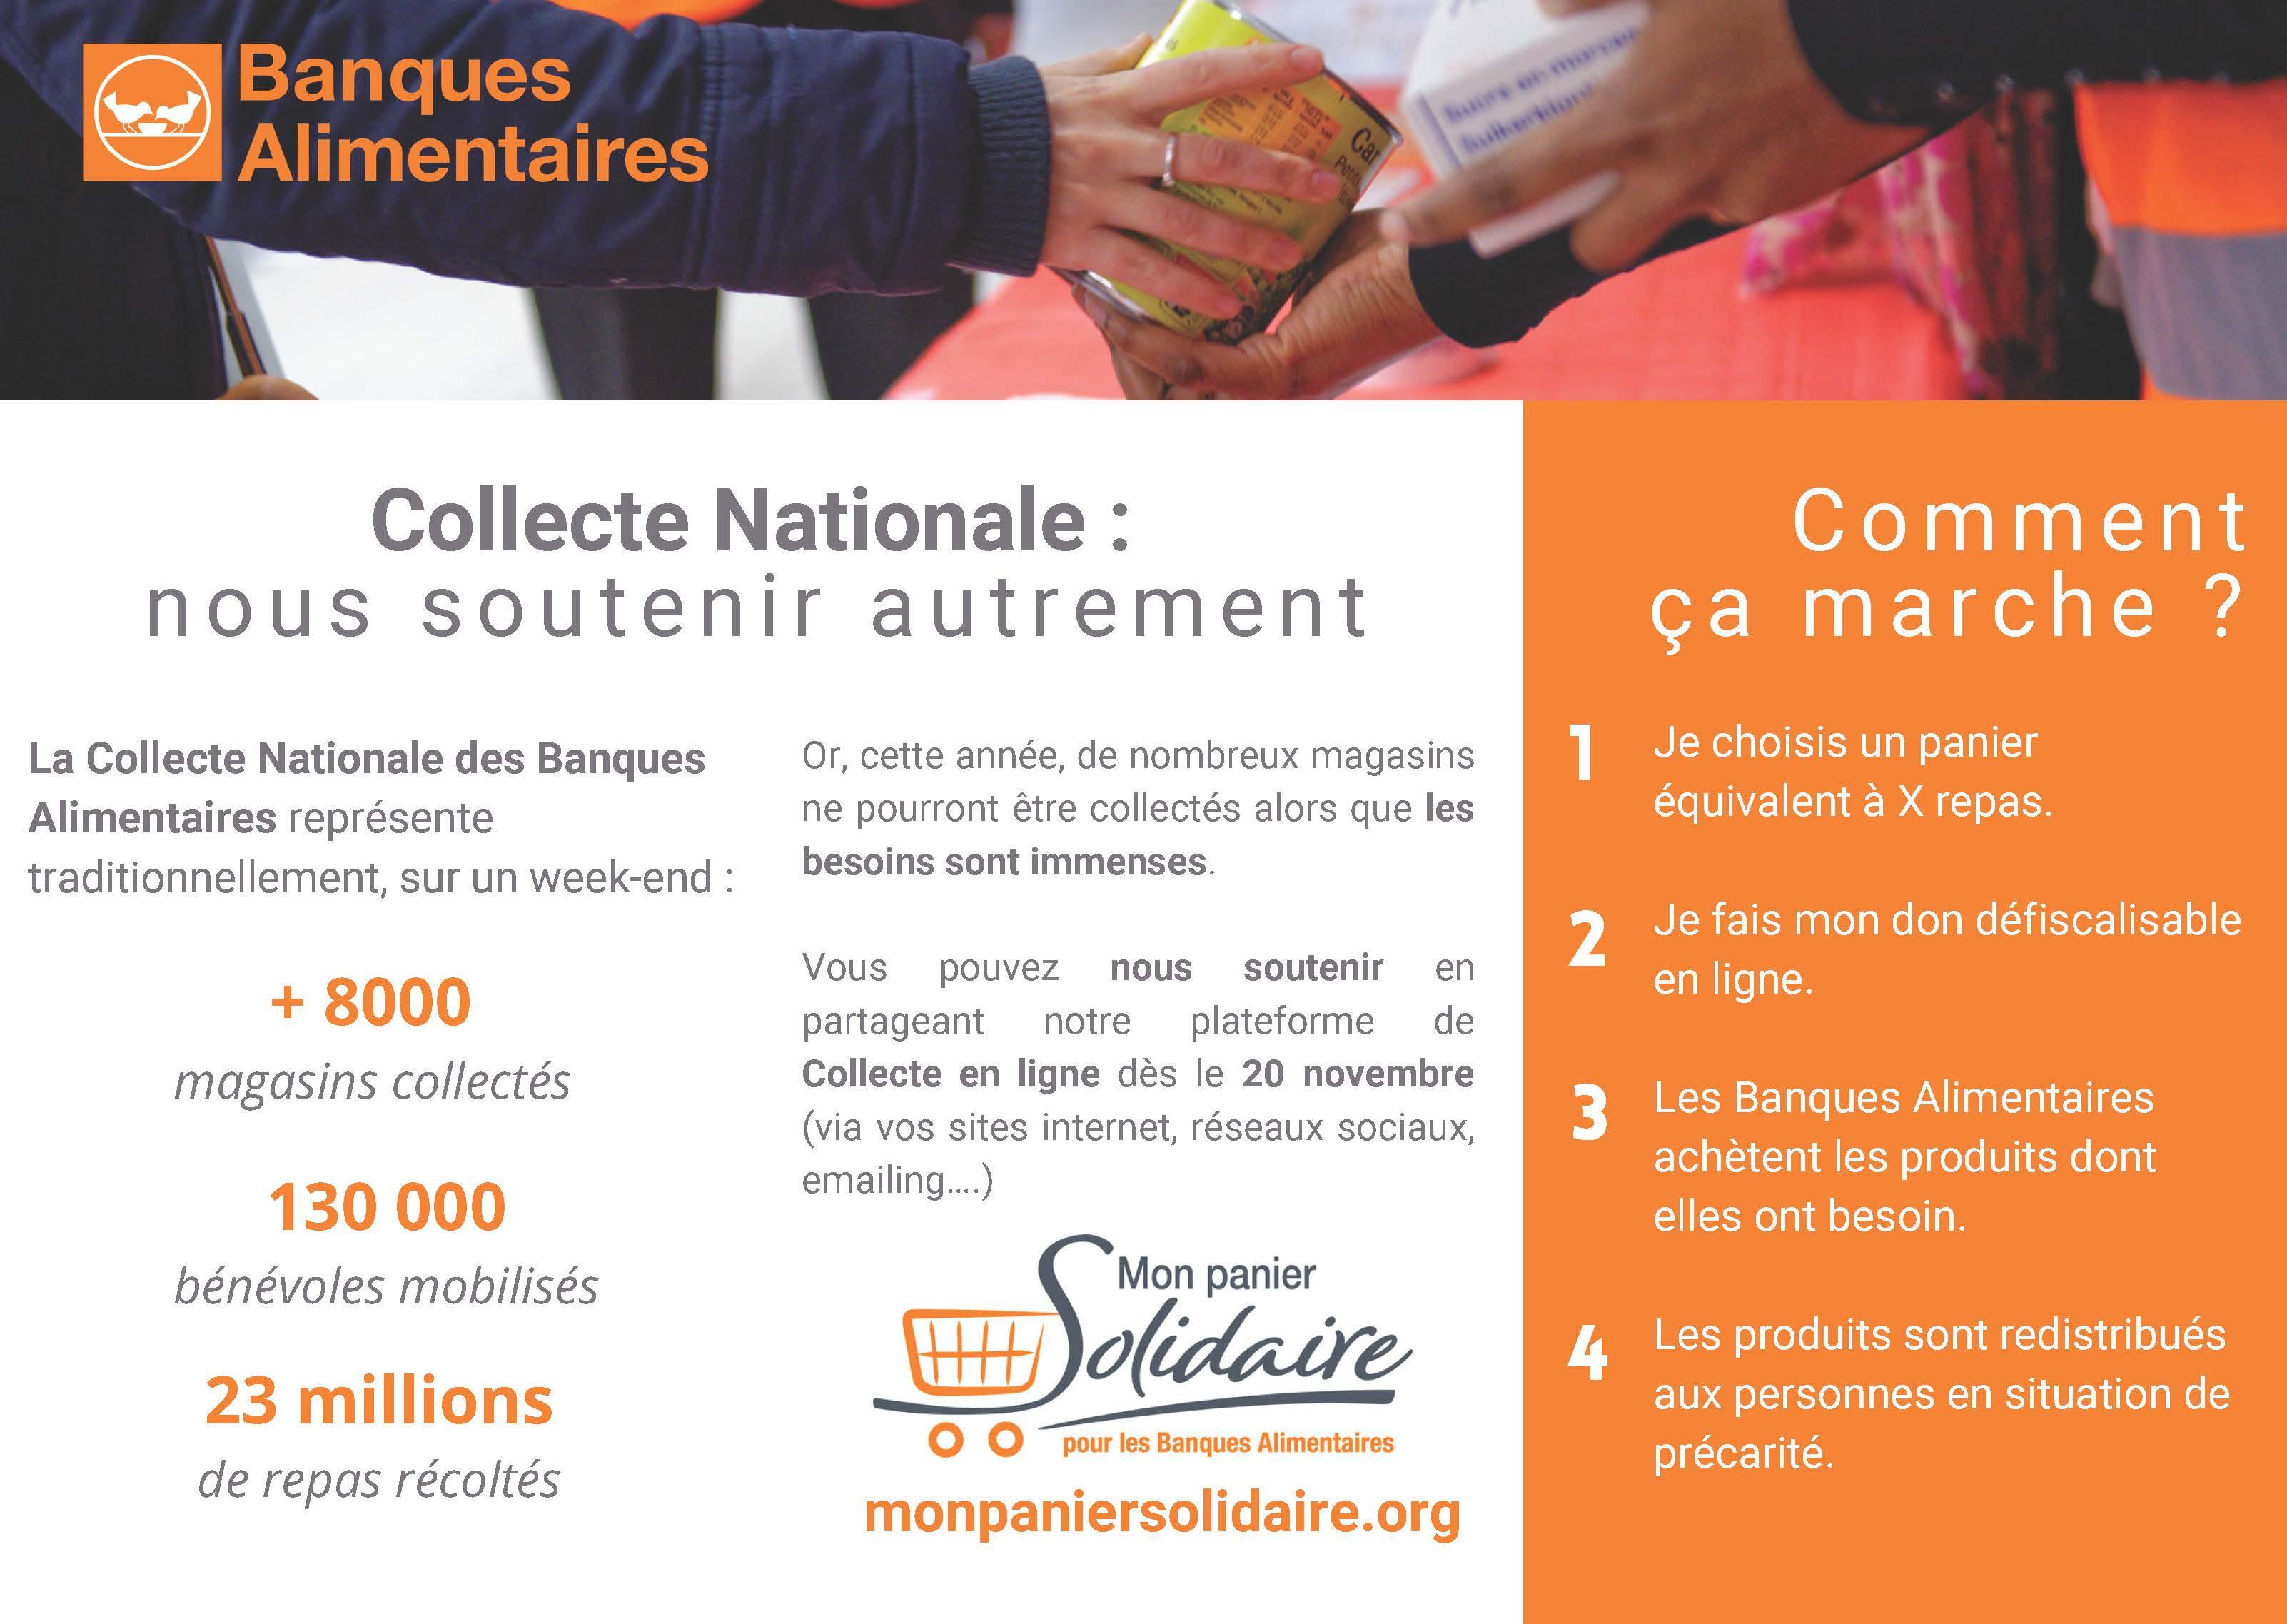 protocole pour soutenir la collecte nationale panier solidaire banques alimentaires